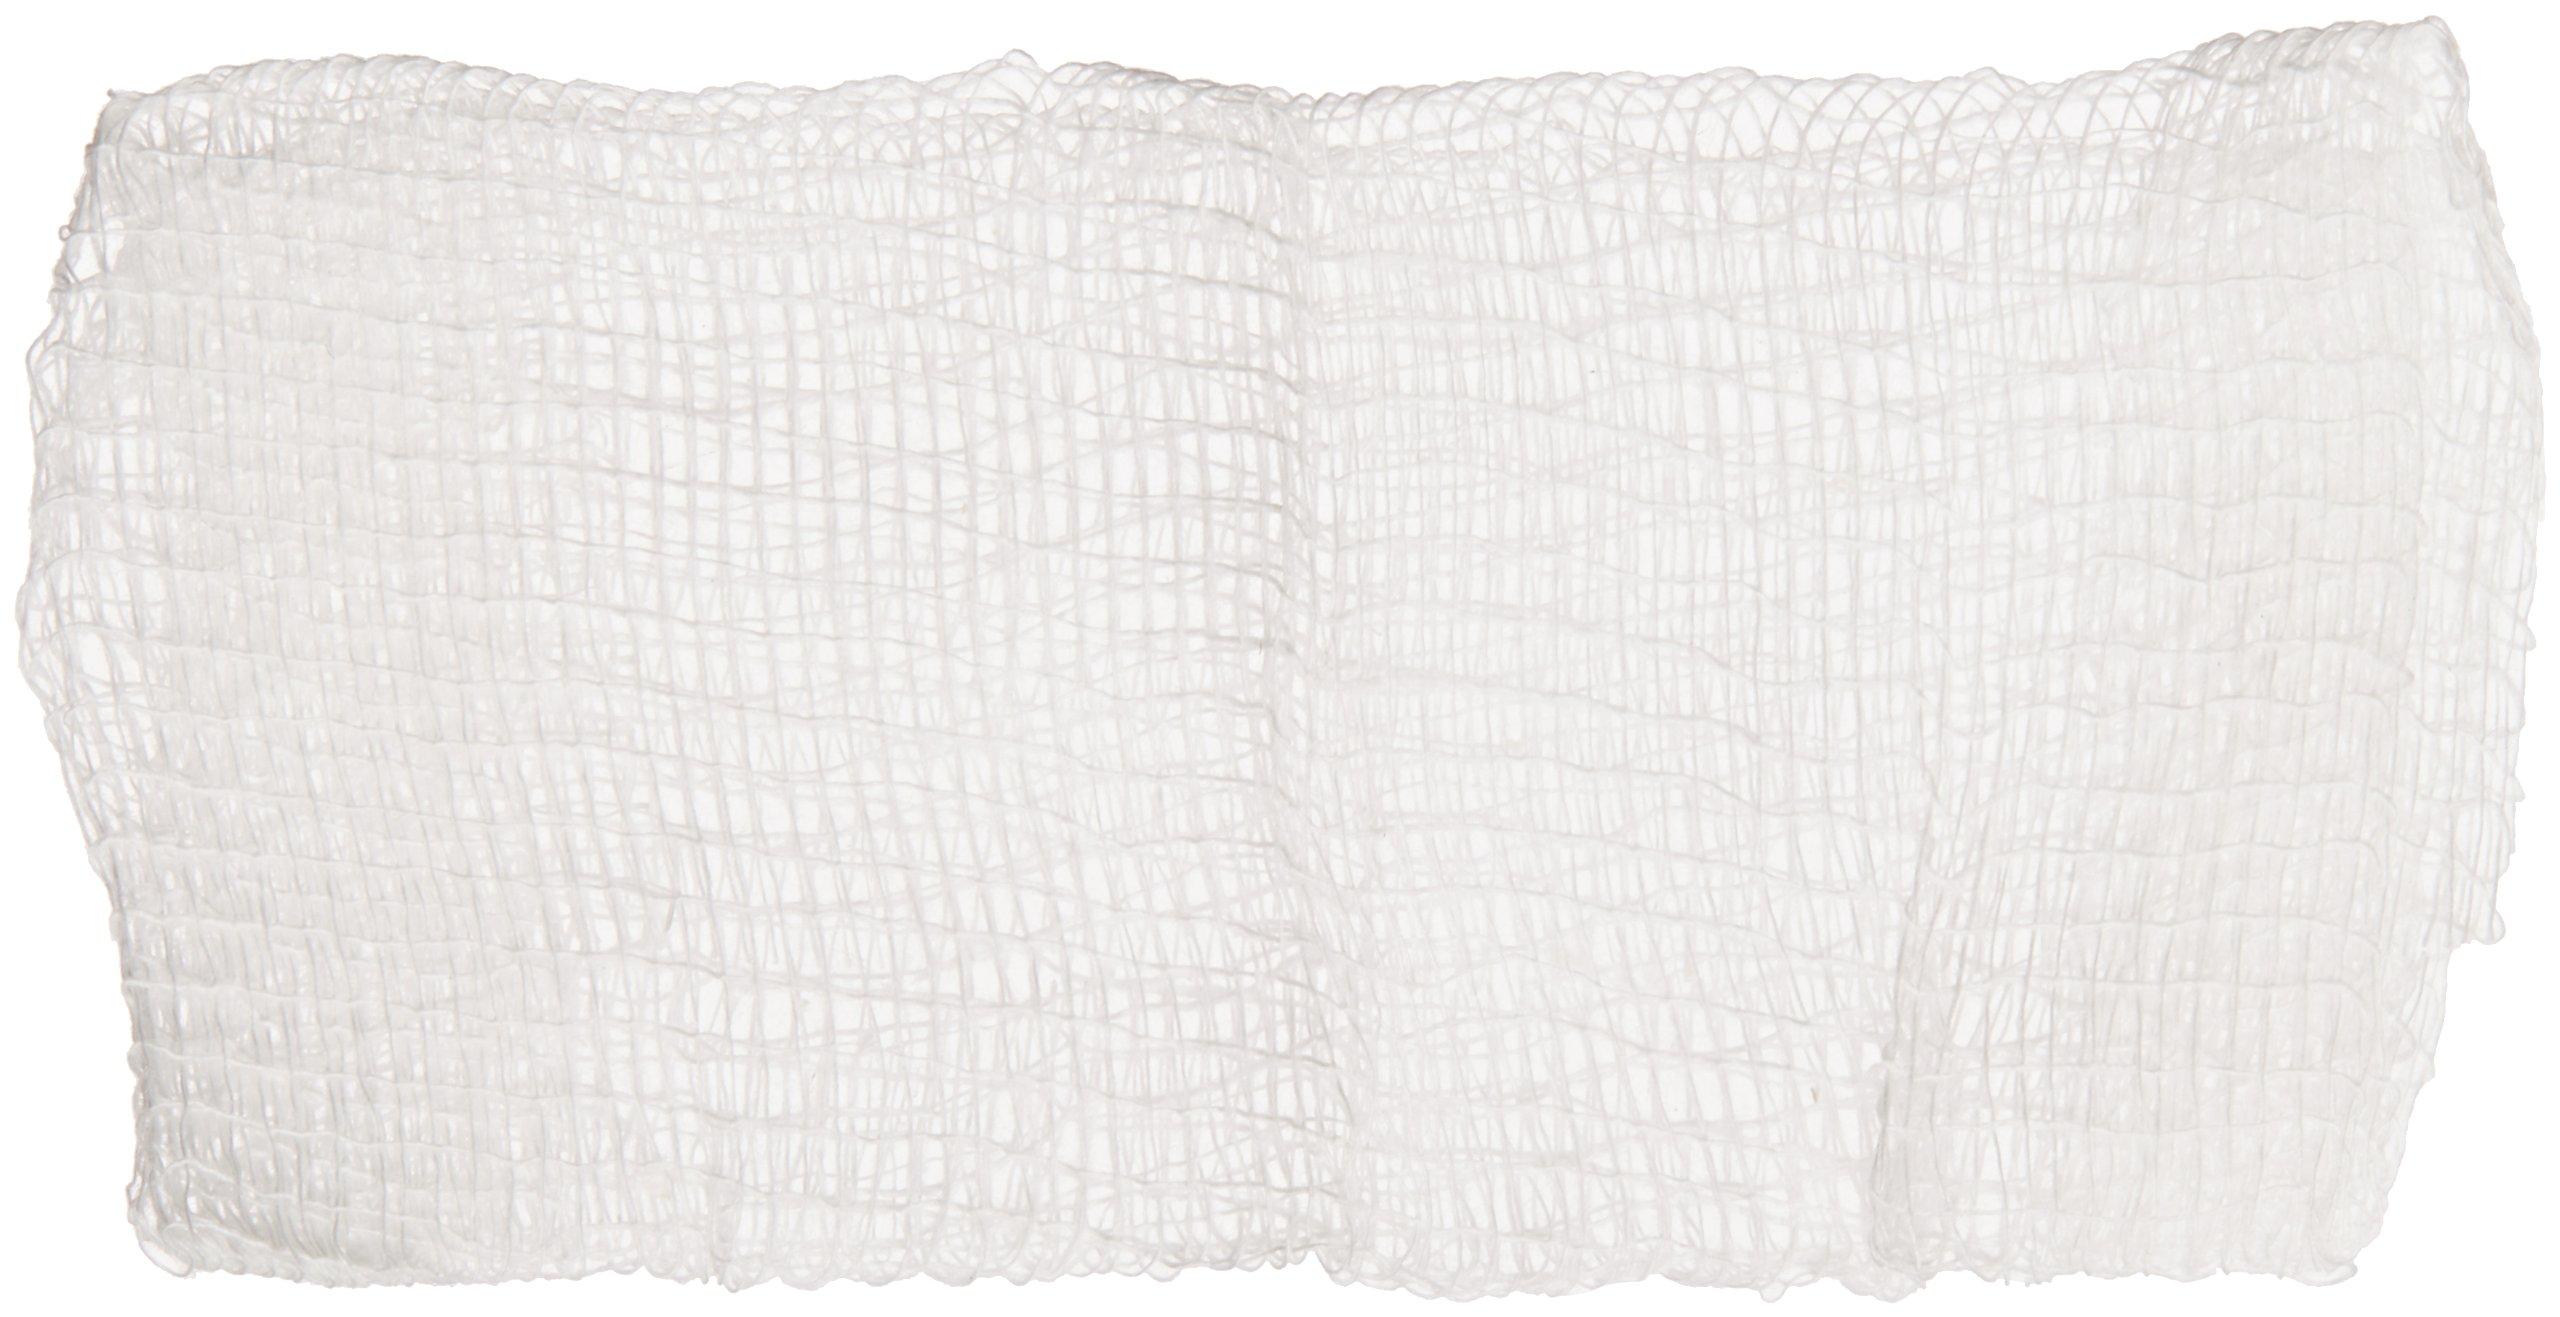 Covidien 2146 Curity Cotton Gauze Sponge, Non-Sterile, 2'' Length x 2'' Width, 8 Ply (25 Bags of 200)